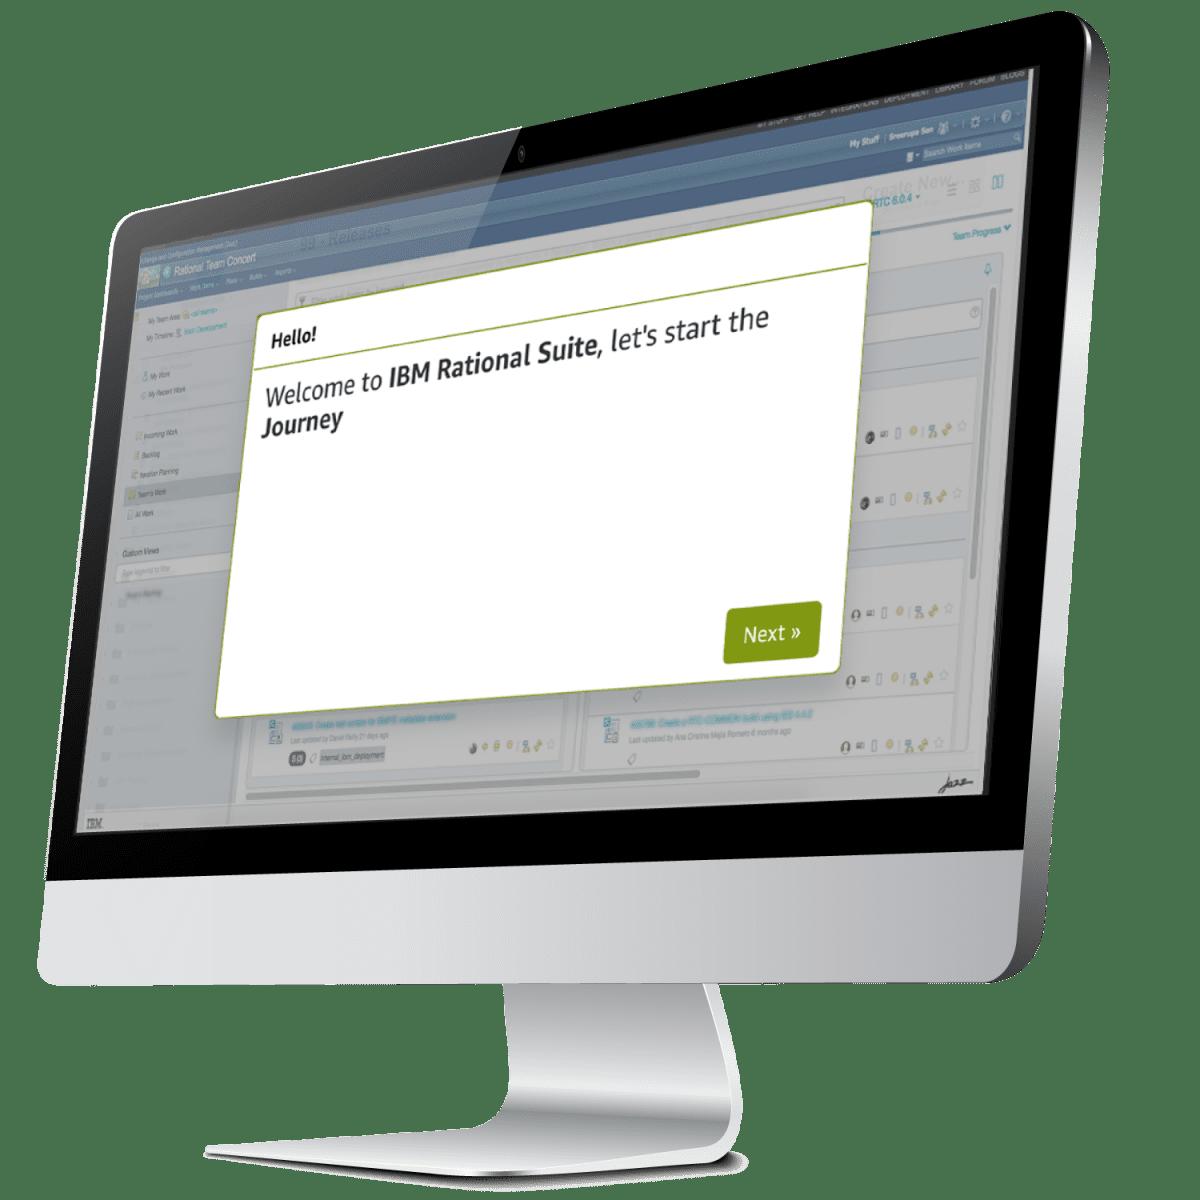 ibm rational user journey